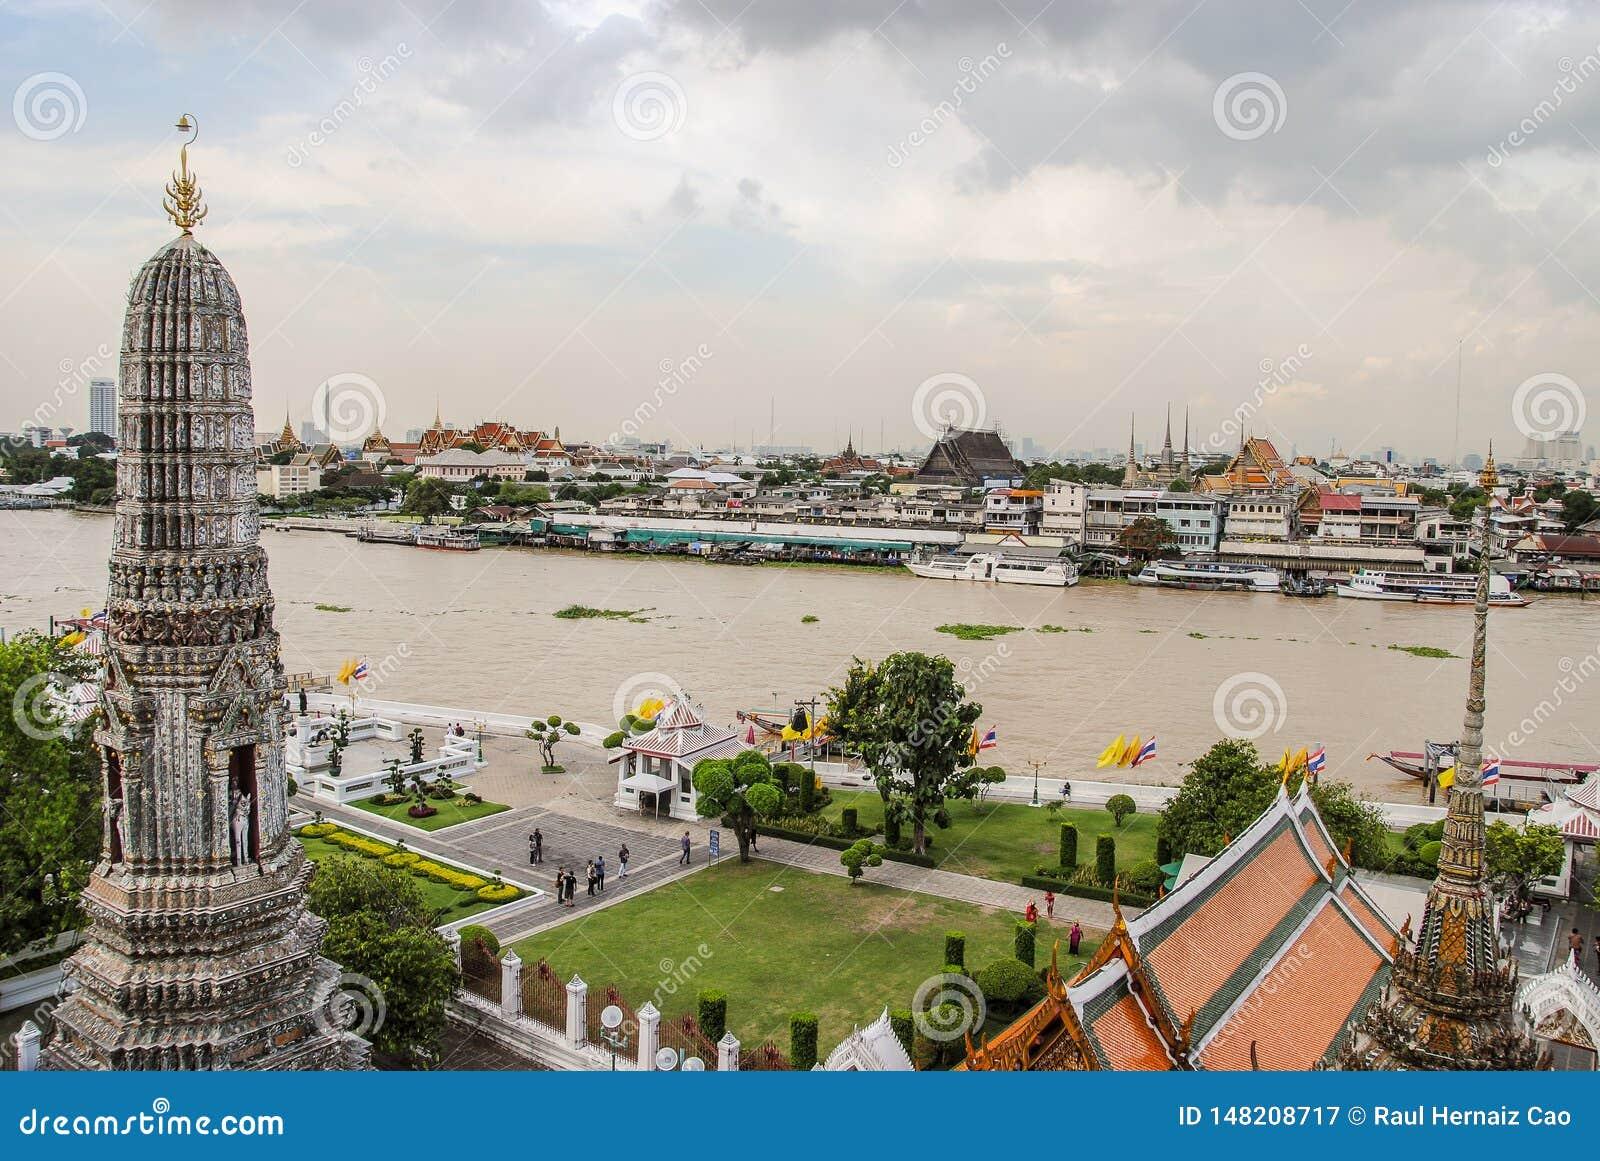 Storslagen slott och den Chao Phaya floden efter överkanten av den Wat Arun templet i Bangkok, Thailand